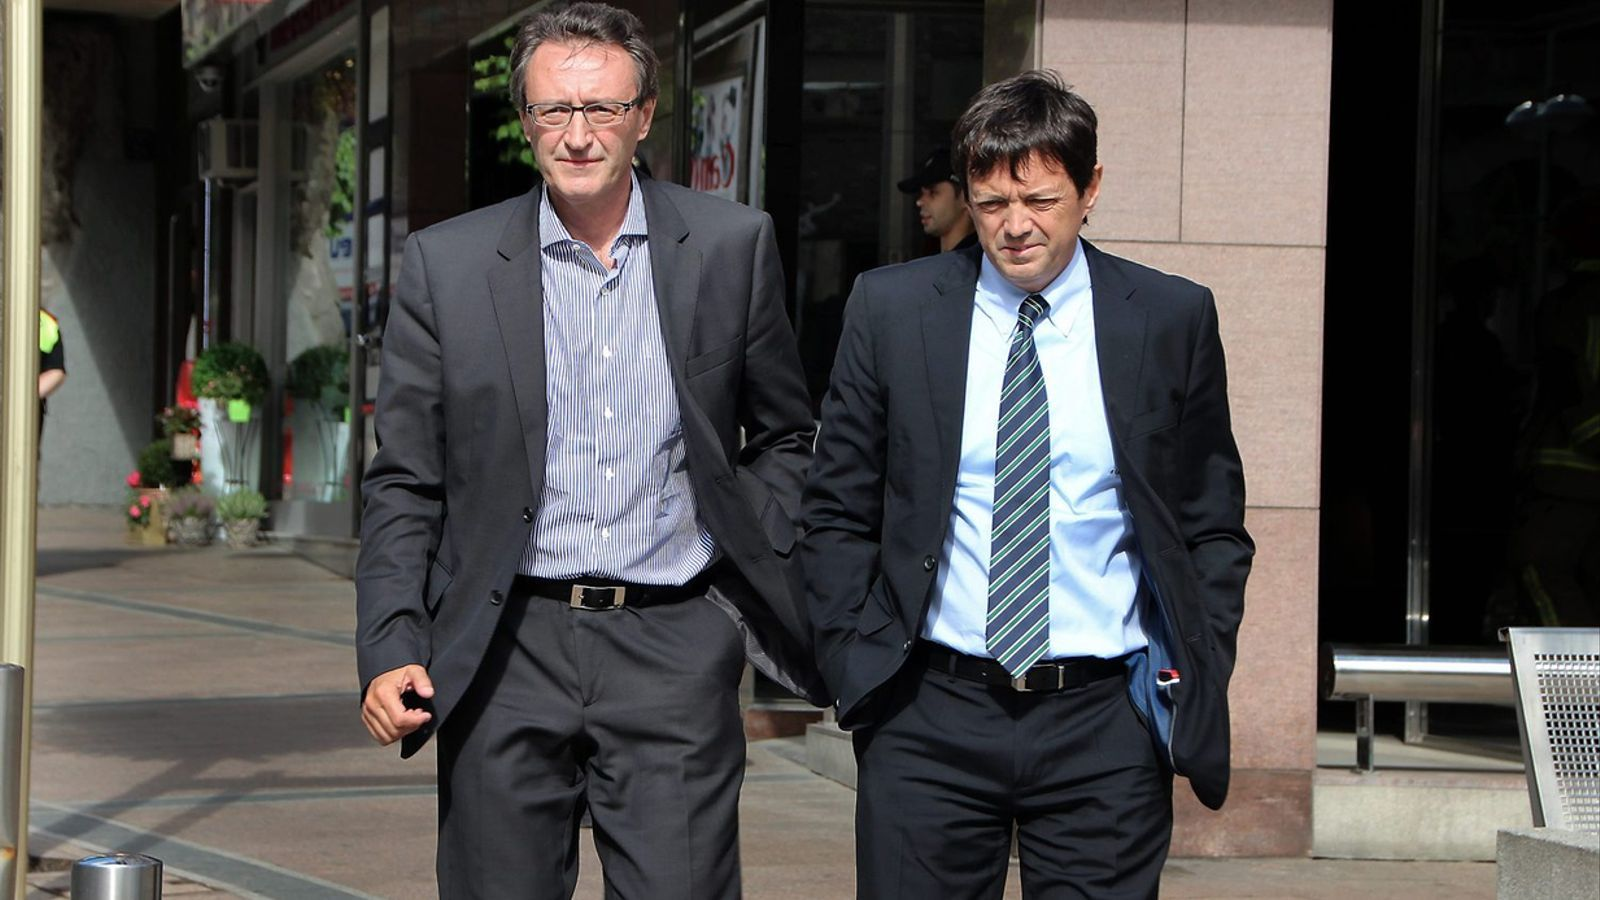 Els germans Higini i Ramon Cierco eren els presidents de la BPA fins que van ser apartats de la cúpula del banc arran de la intervenció.